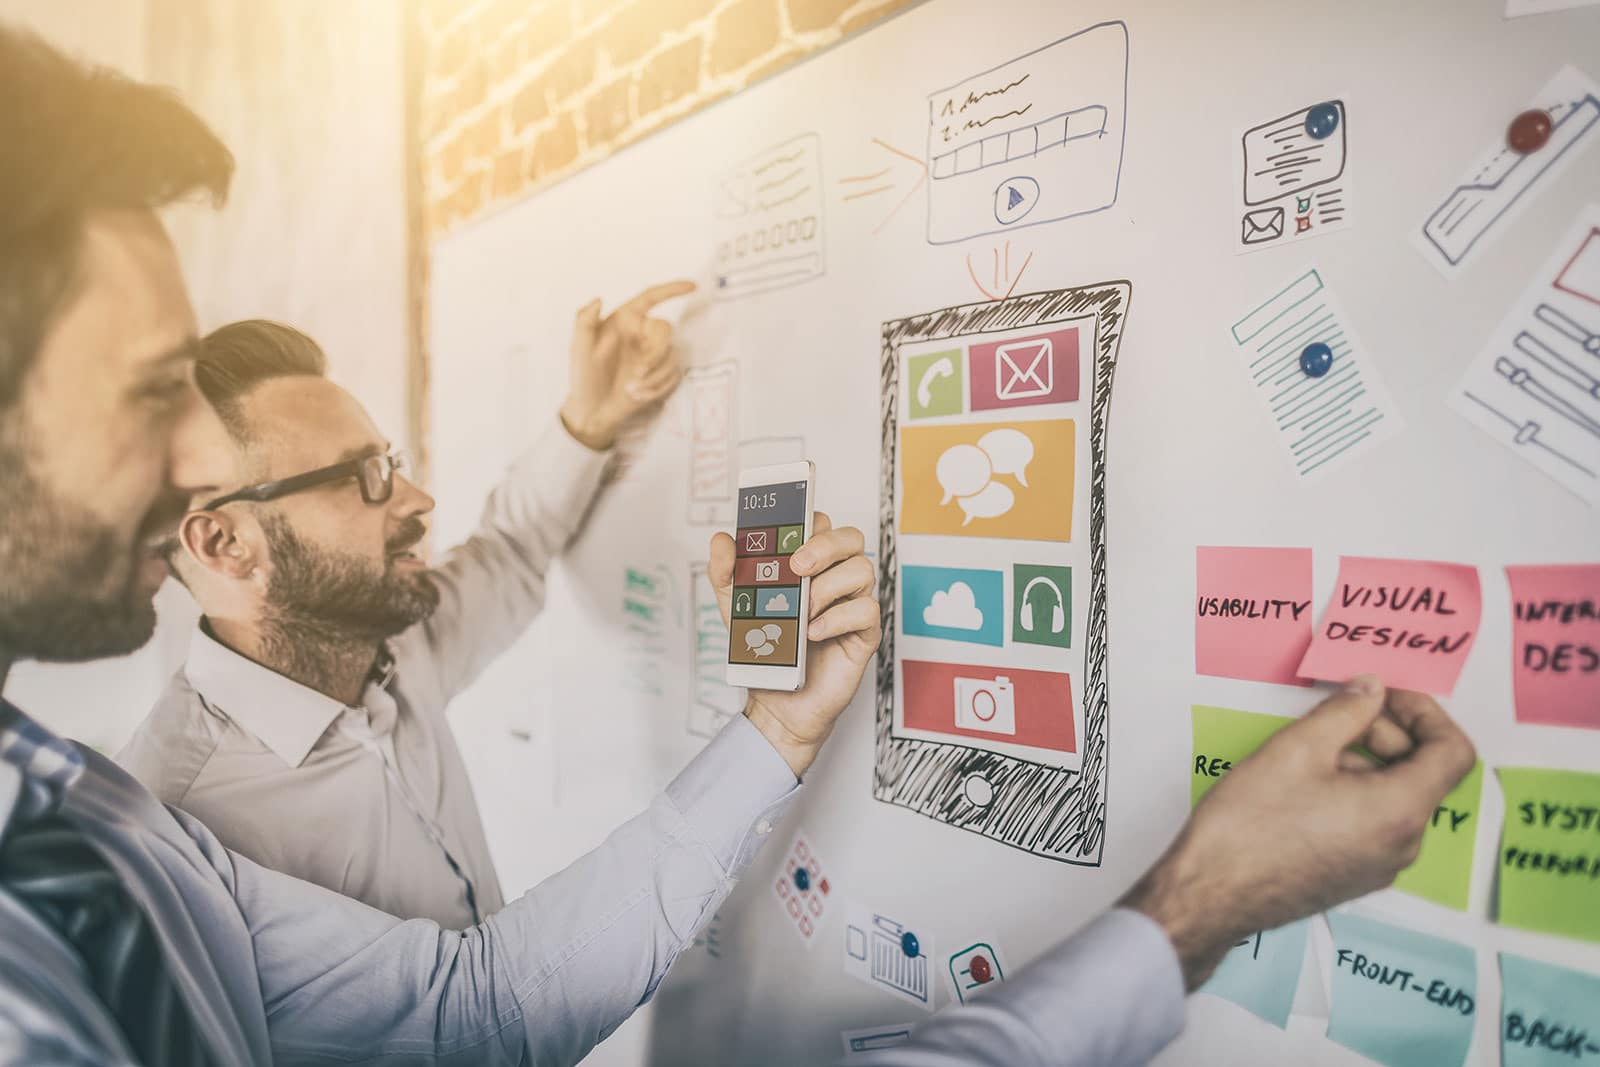 Zwei E-Commerce Experten besprechen das Responsive Design einer Webseite vor einer Tafel.